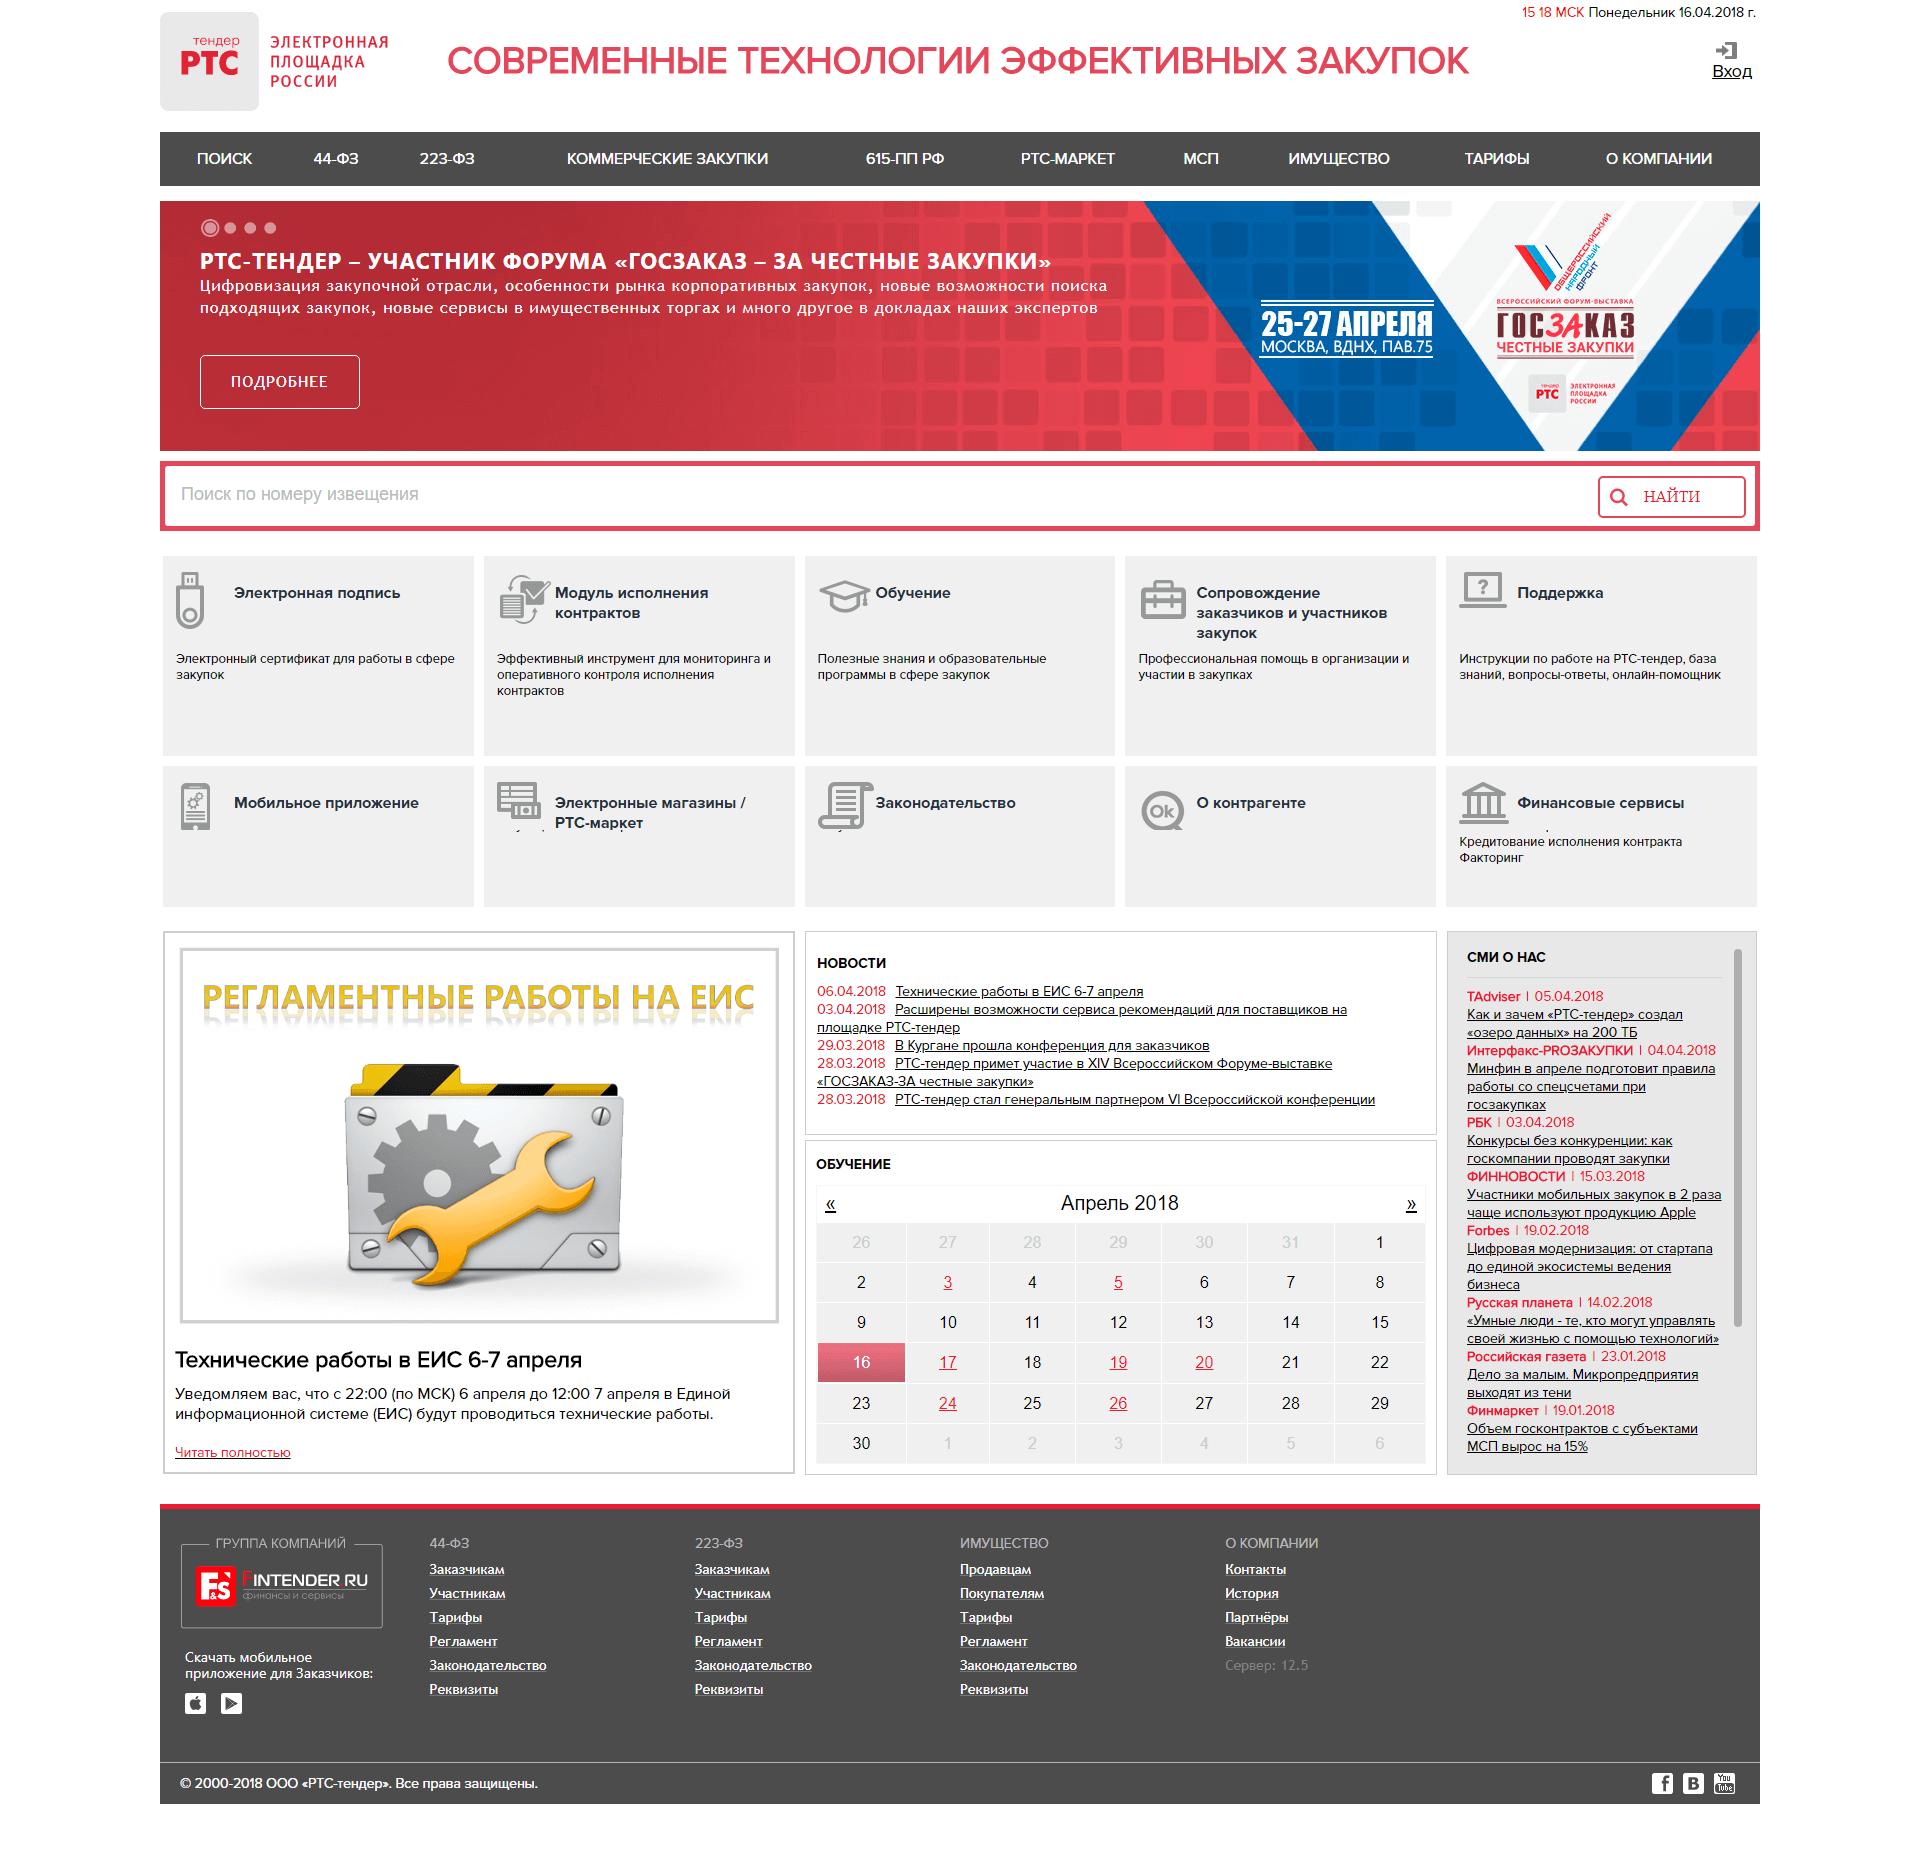 Сайт РТС-тендер